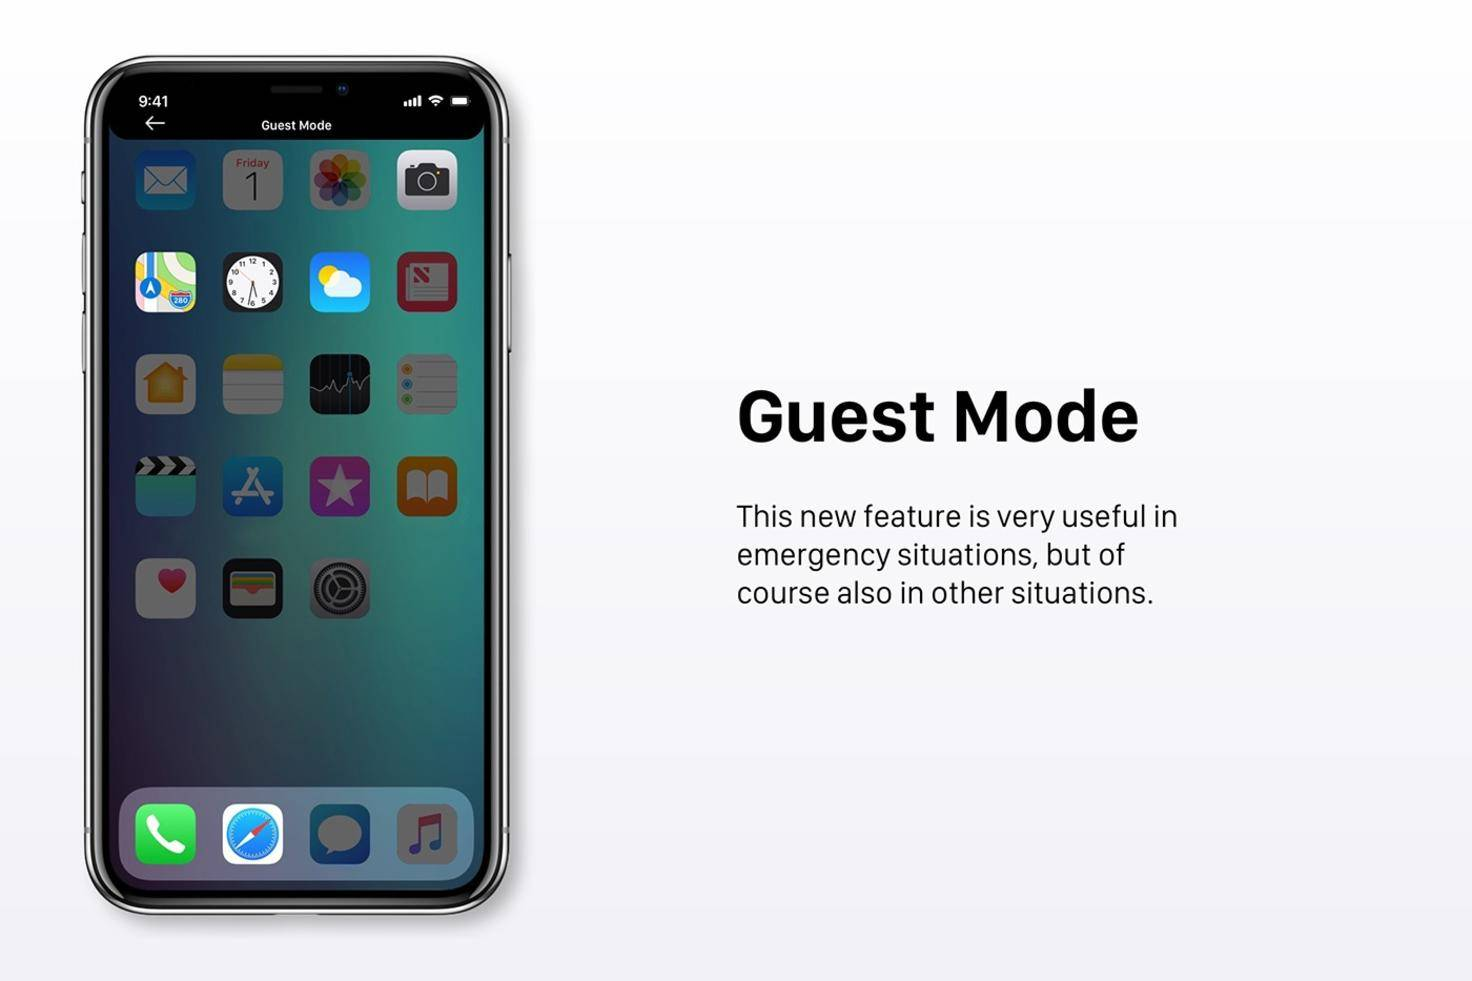 Ein Gast-Modus für andere Nutzer.